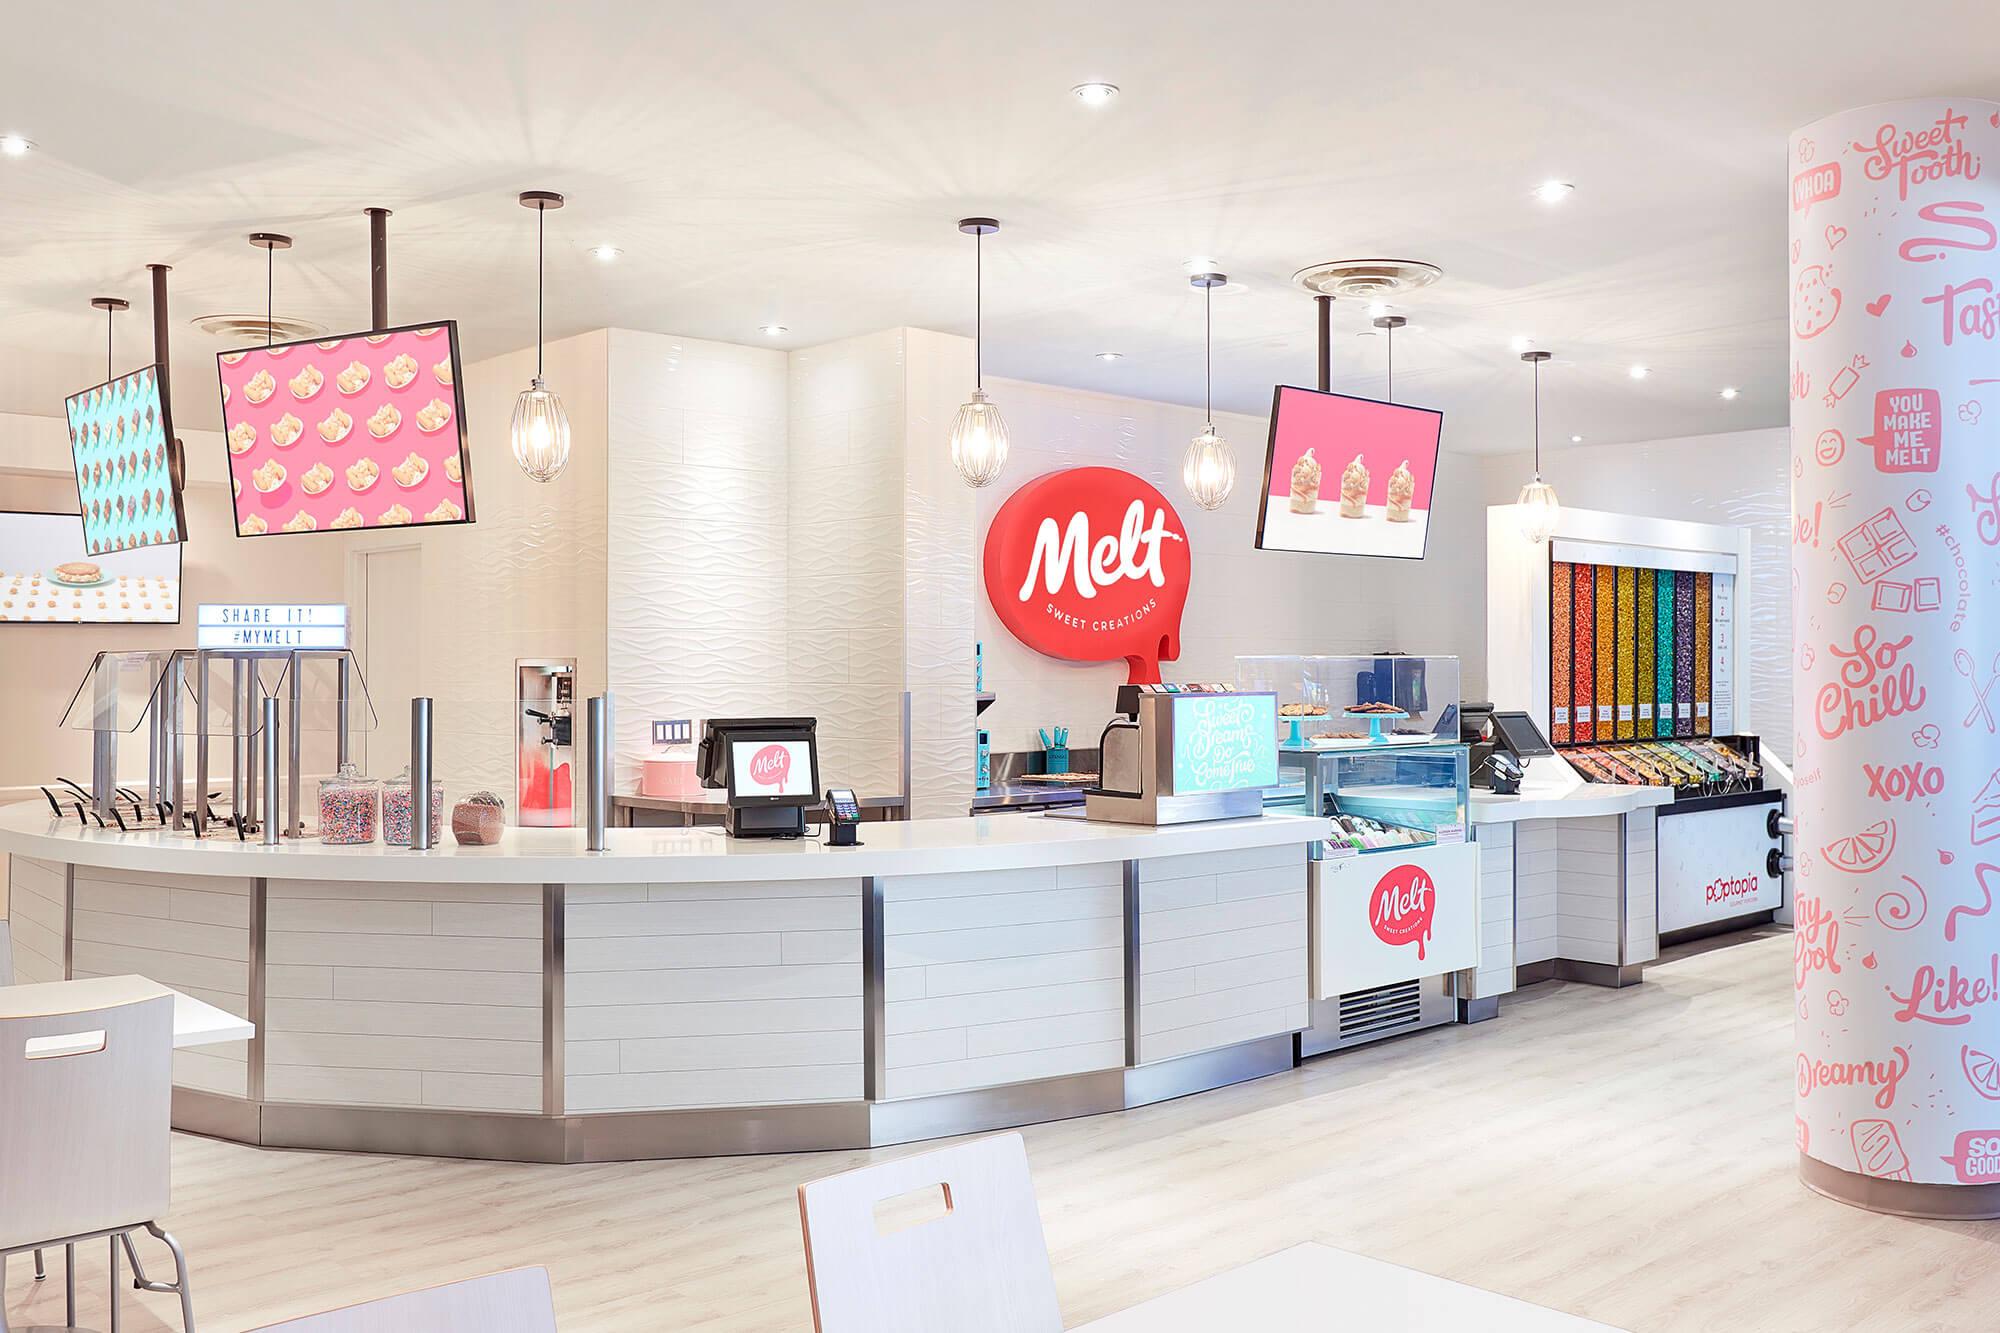 Melt-Full Location